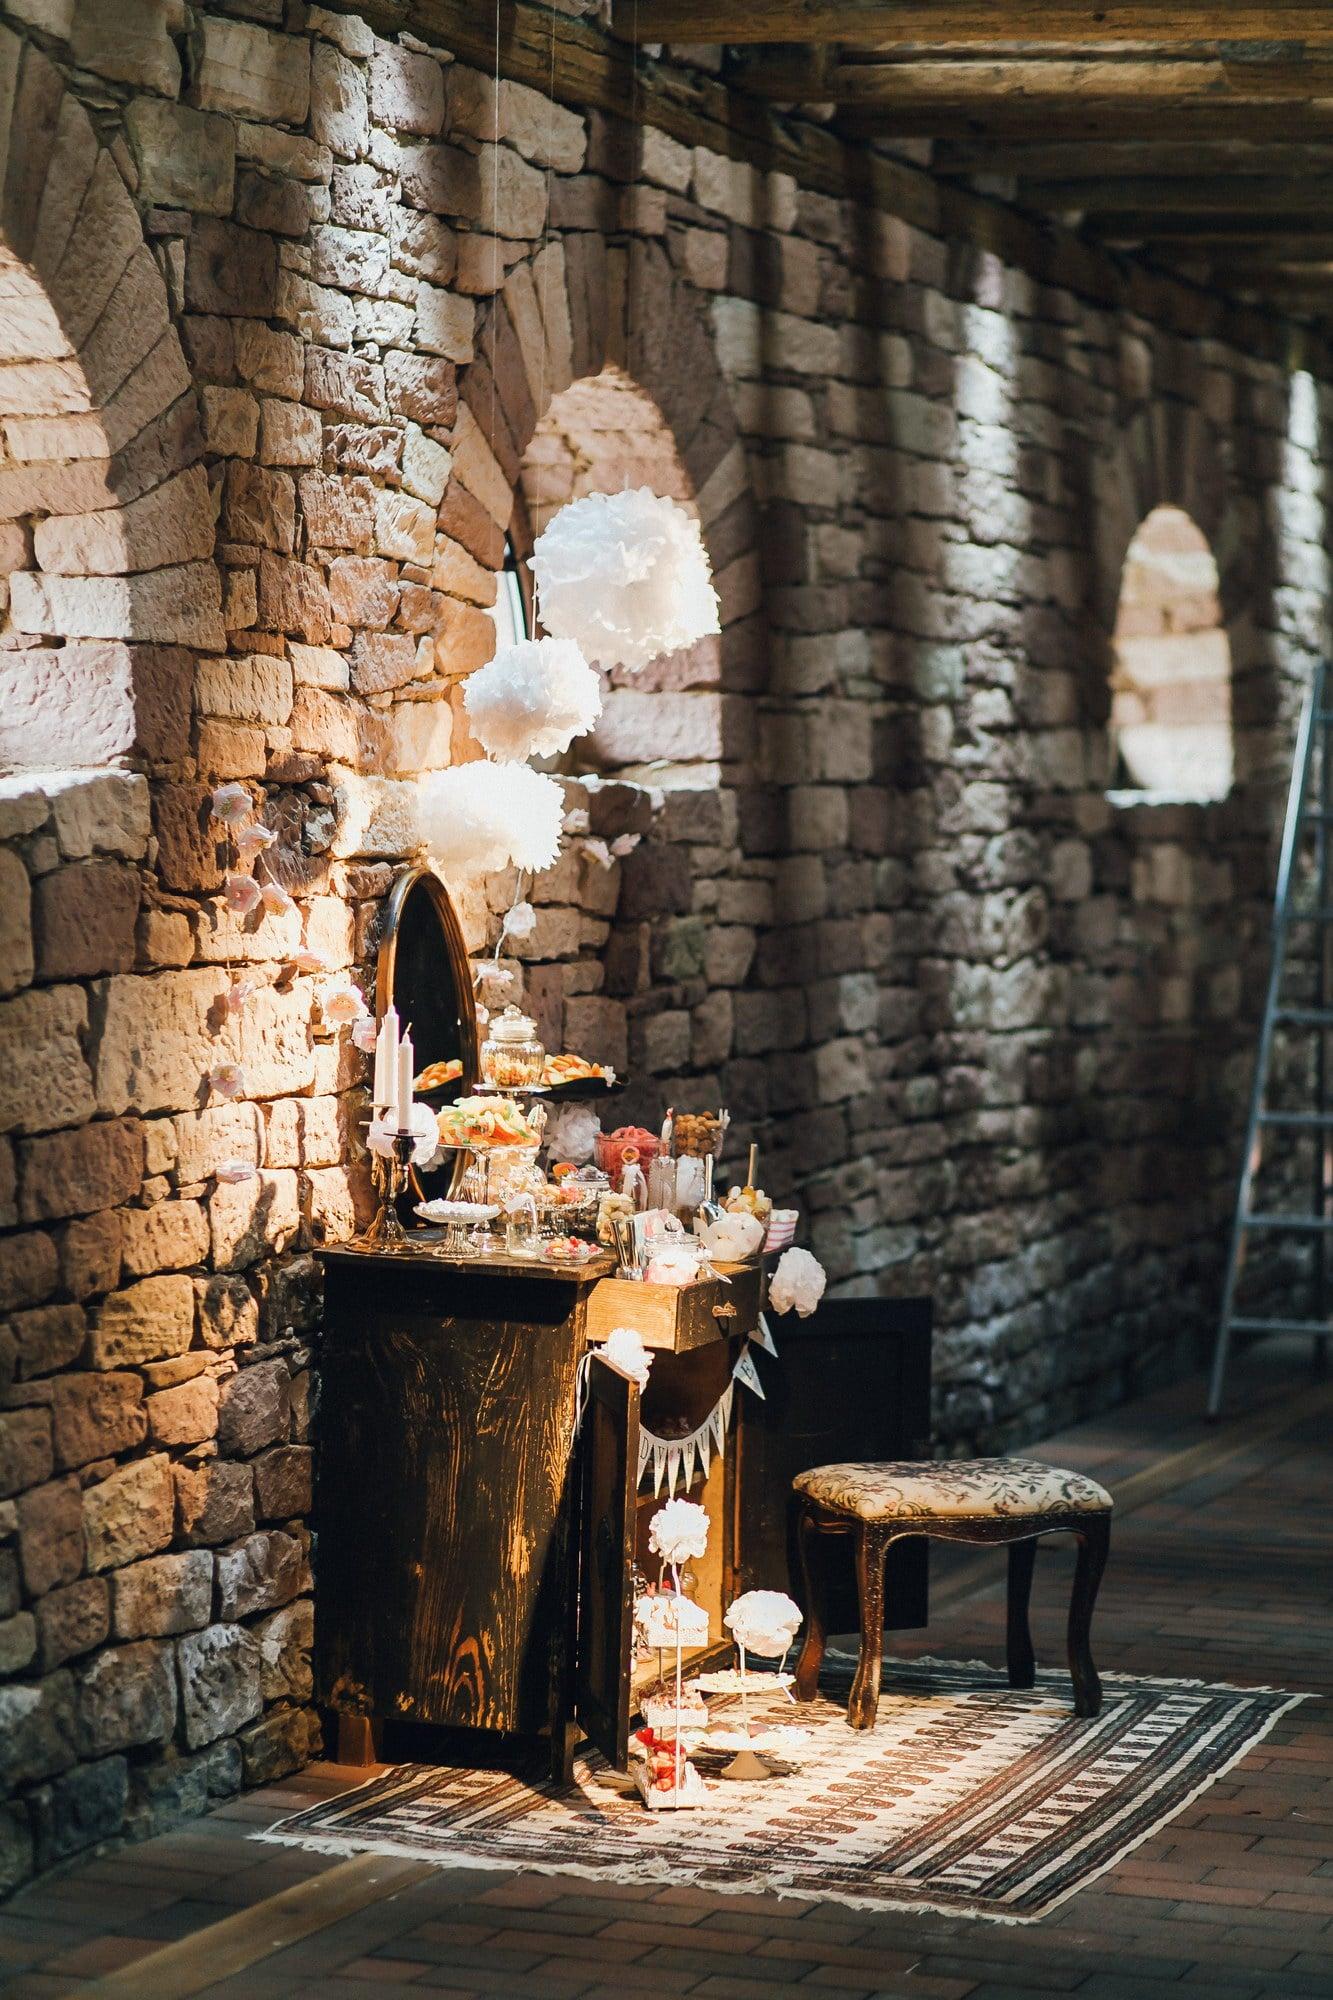 Steinmauer Candybuffet Kerzen Fachwerkhaus